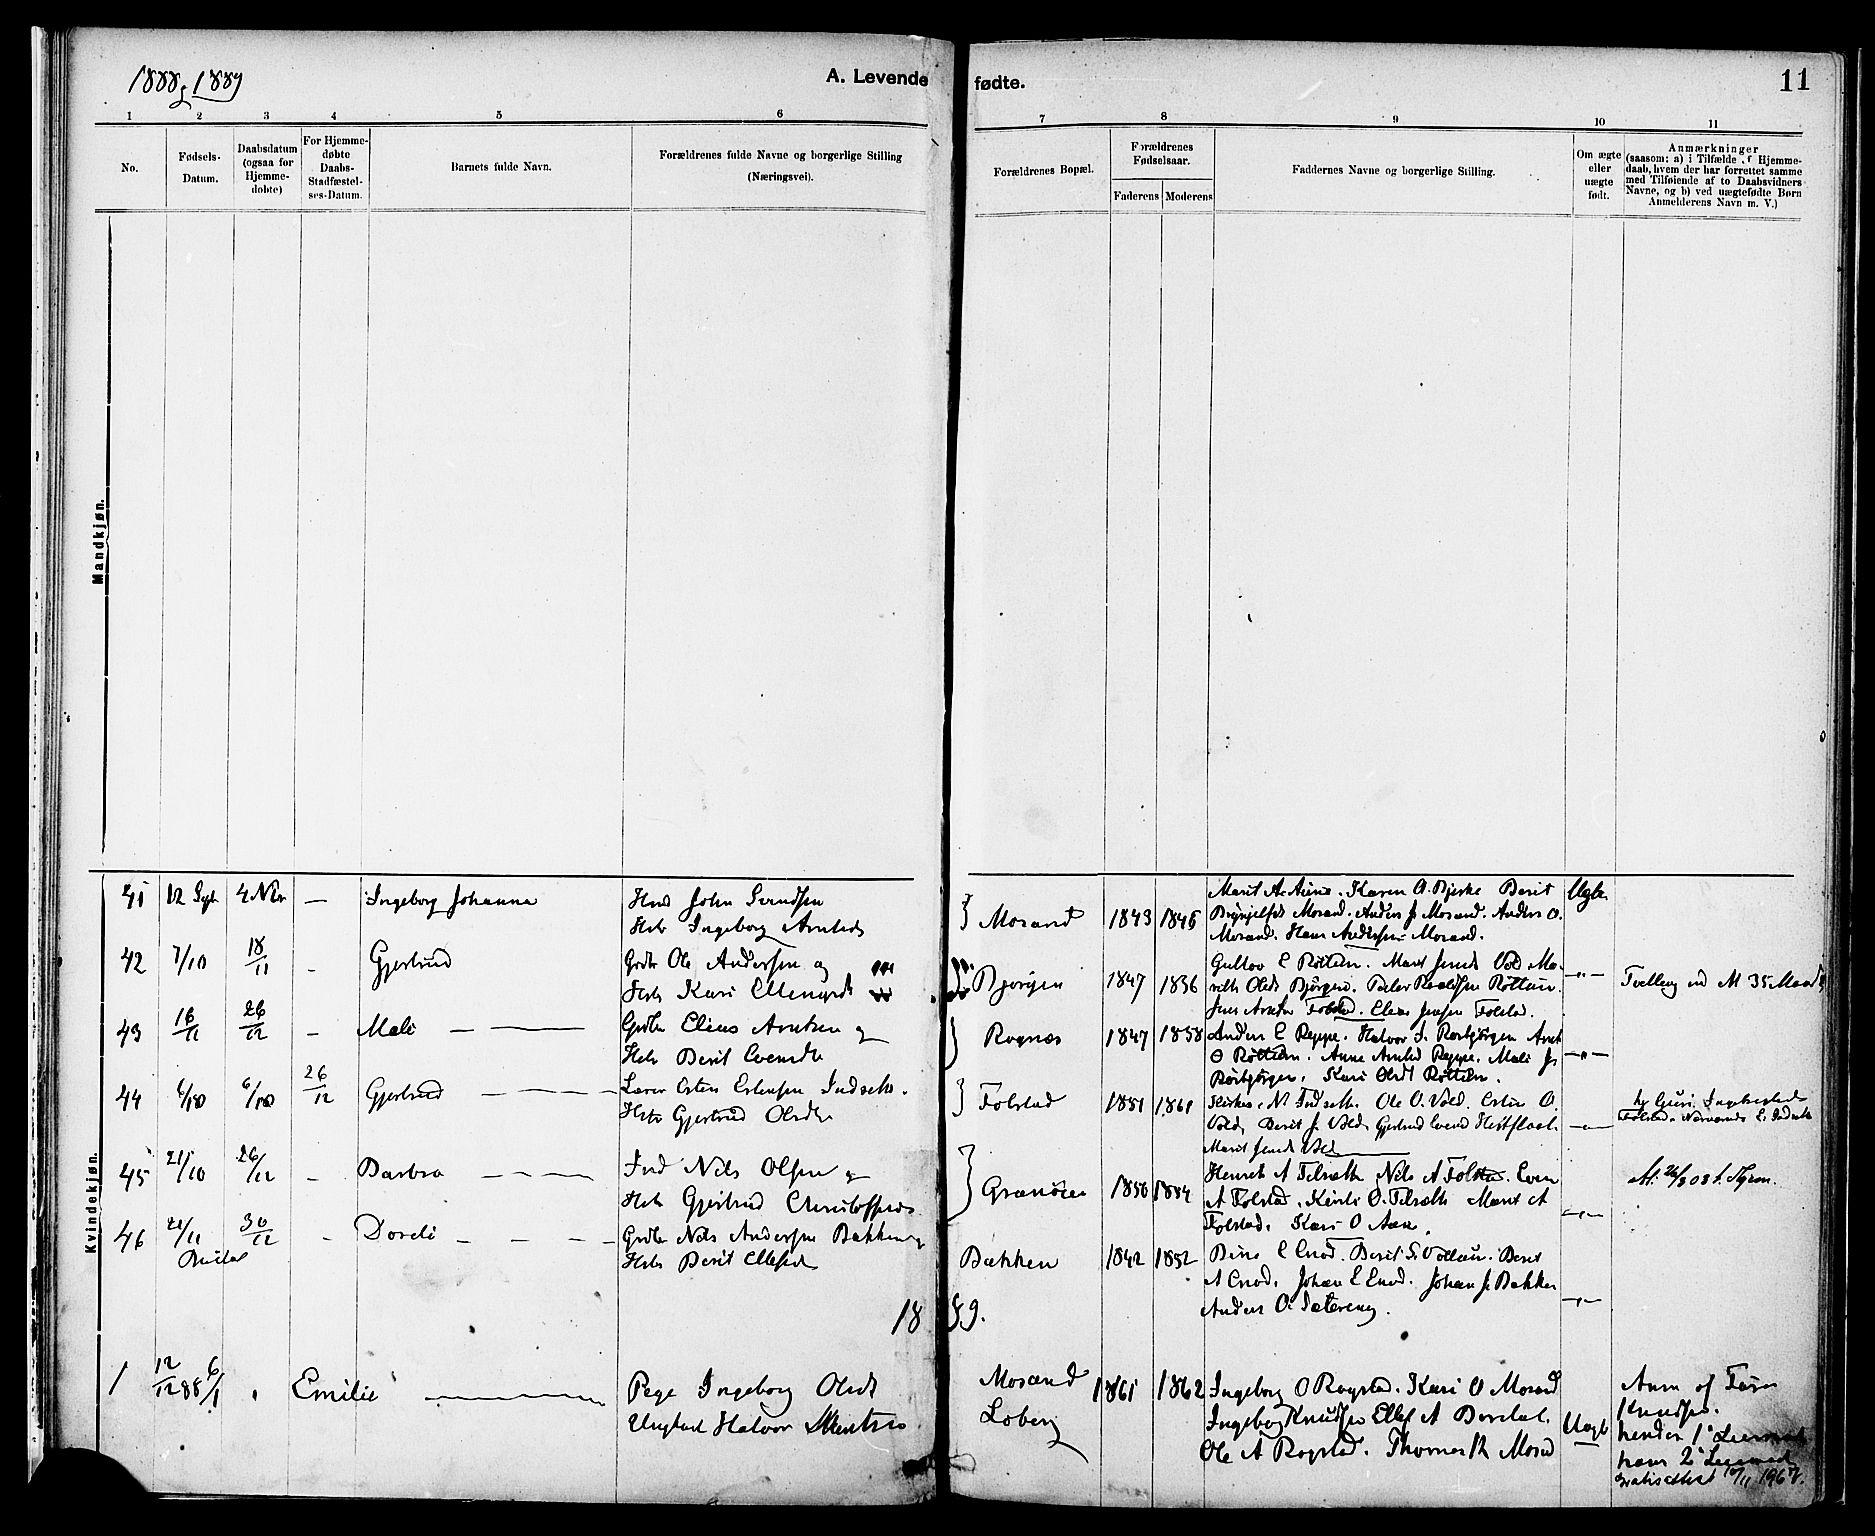 SAT, Ministerialprotokoller, klokkerbøker og fødselsregistre - Sør-Trøndelag, 687/L1003: Ministerialbok nr. 687A09, 1886-1890, s. 11